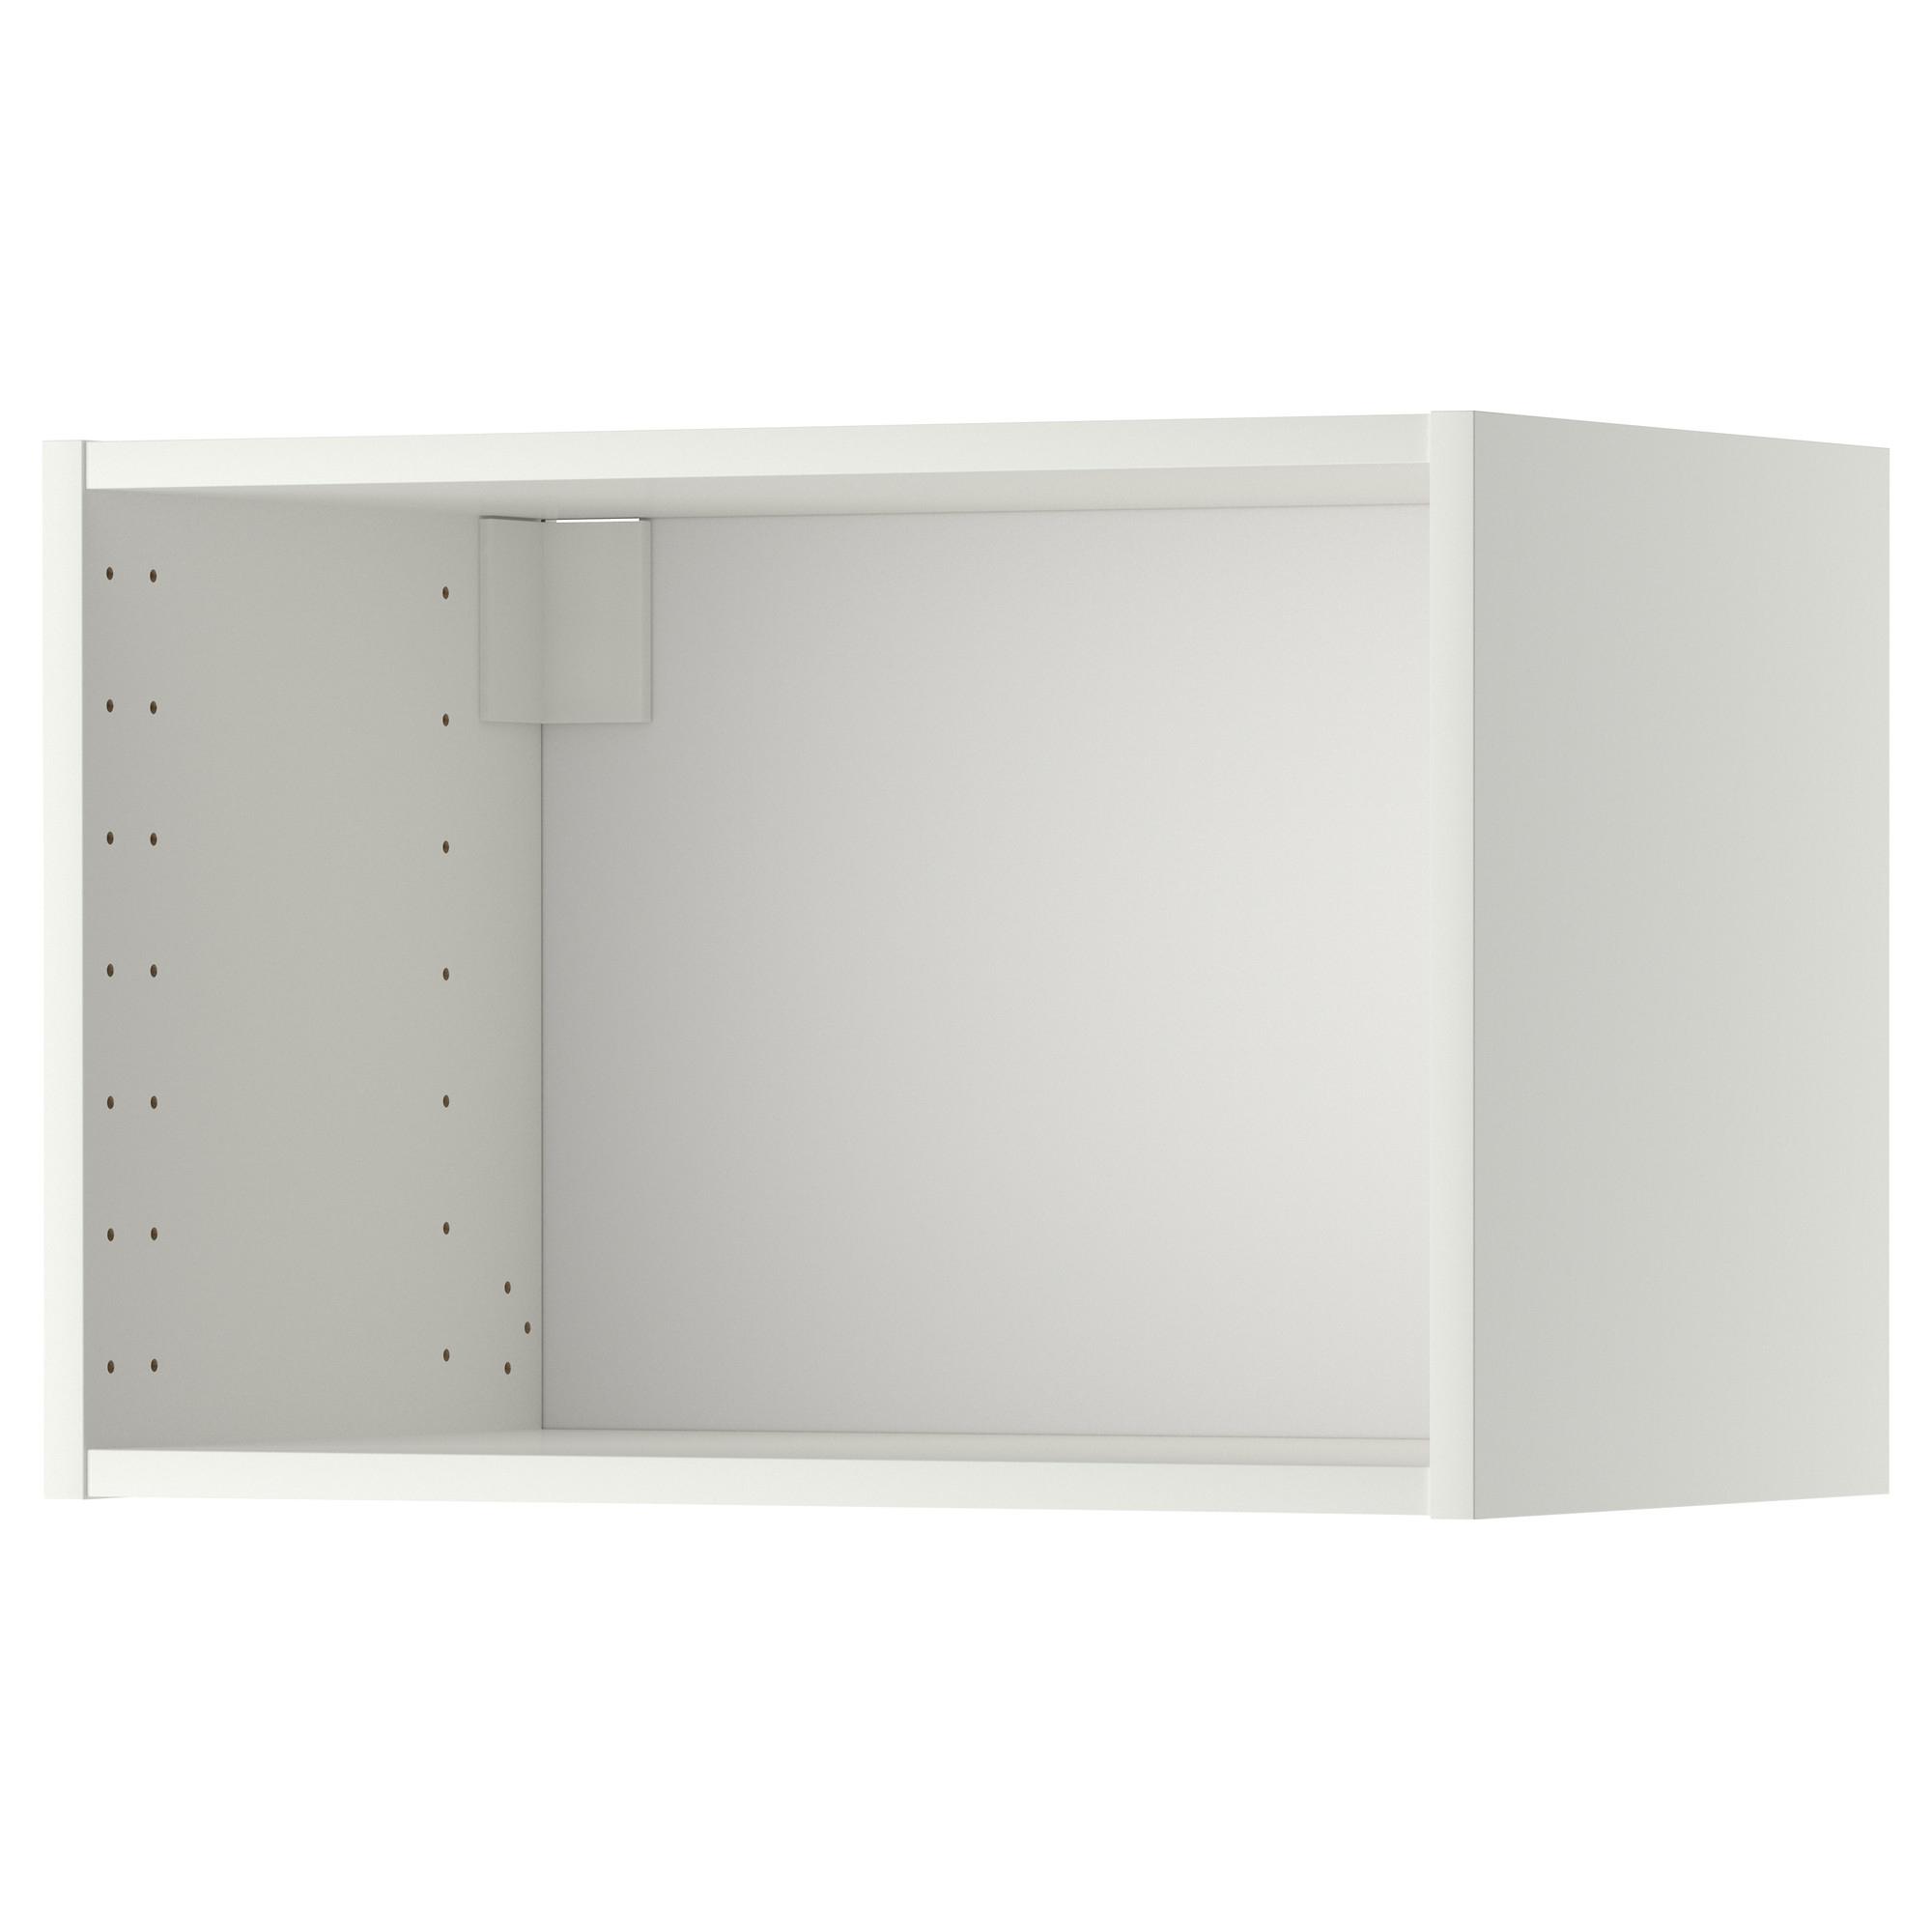 Armario Pared Cocina Ikea : Metod estructura armario de pared